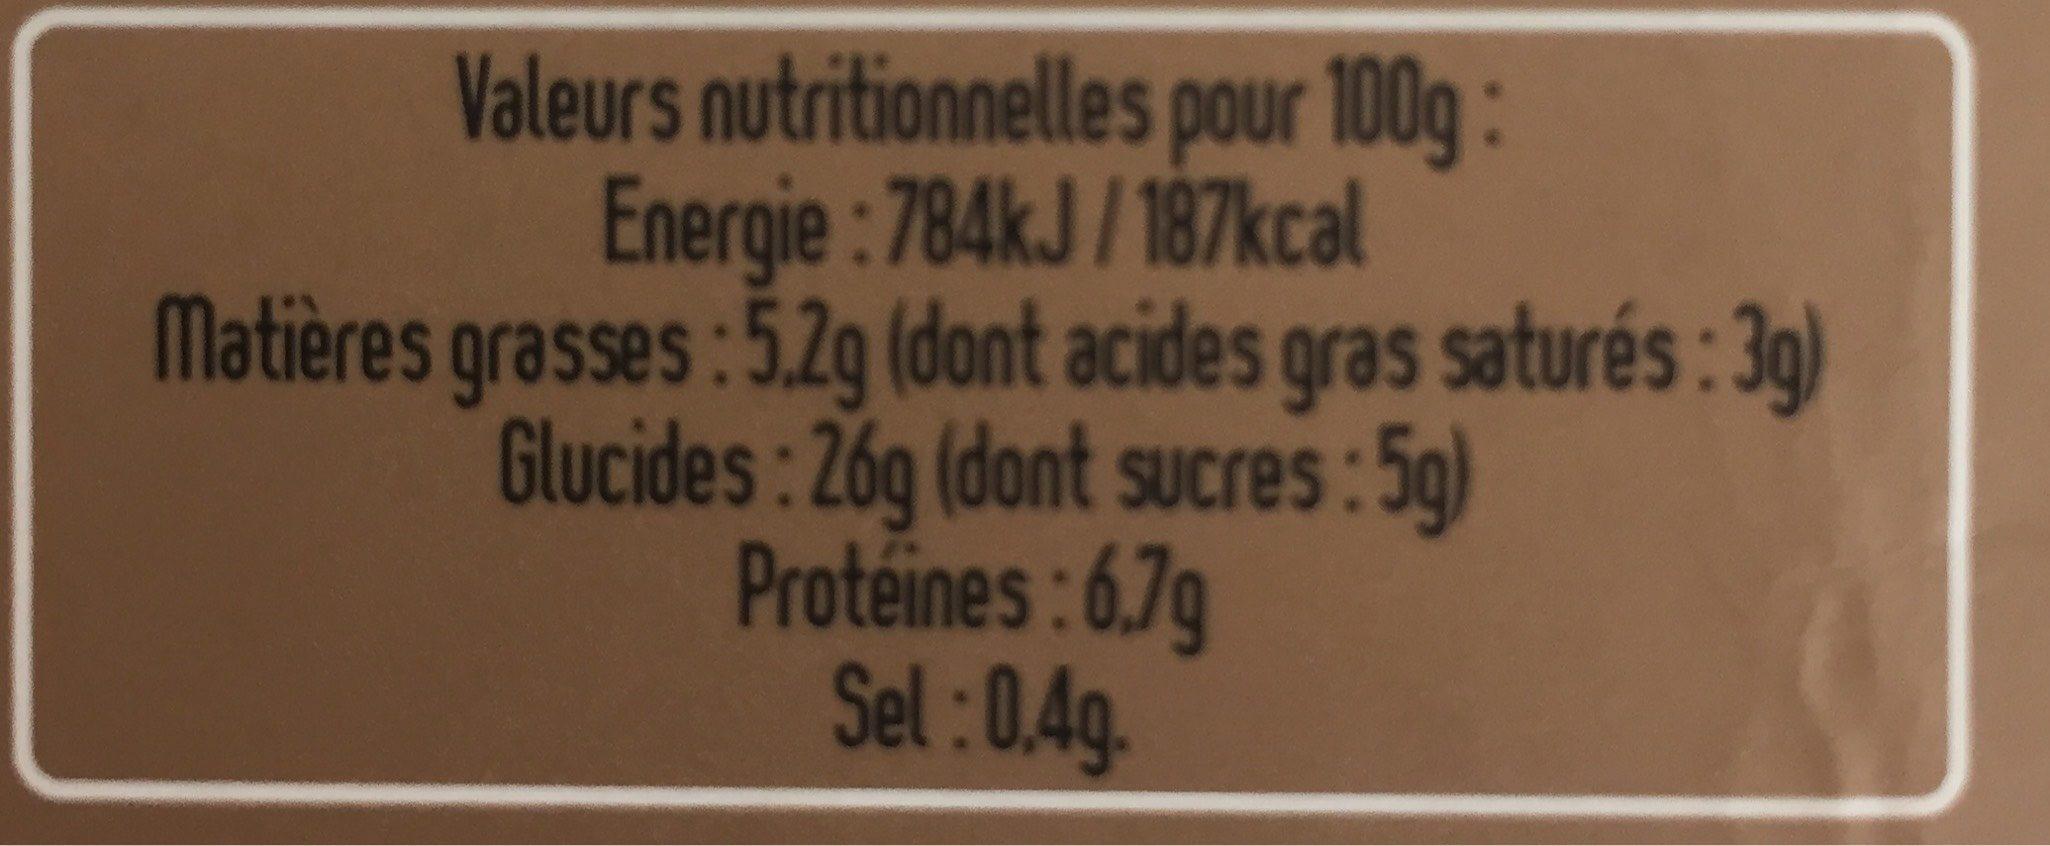 Wrap poulet mangue coriandre - Informations nutritionnelles - fr